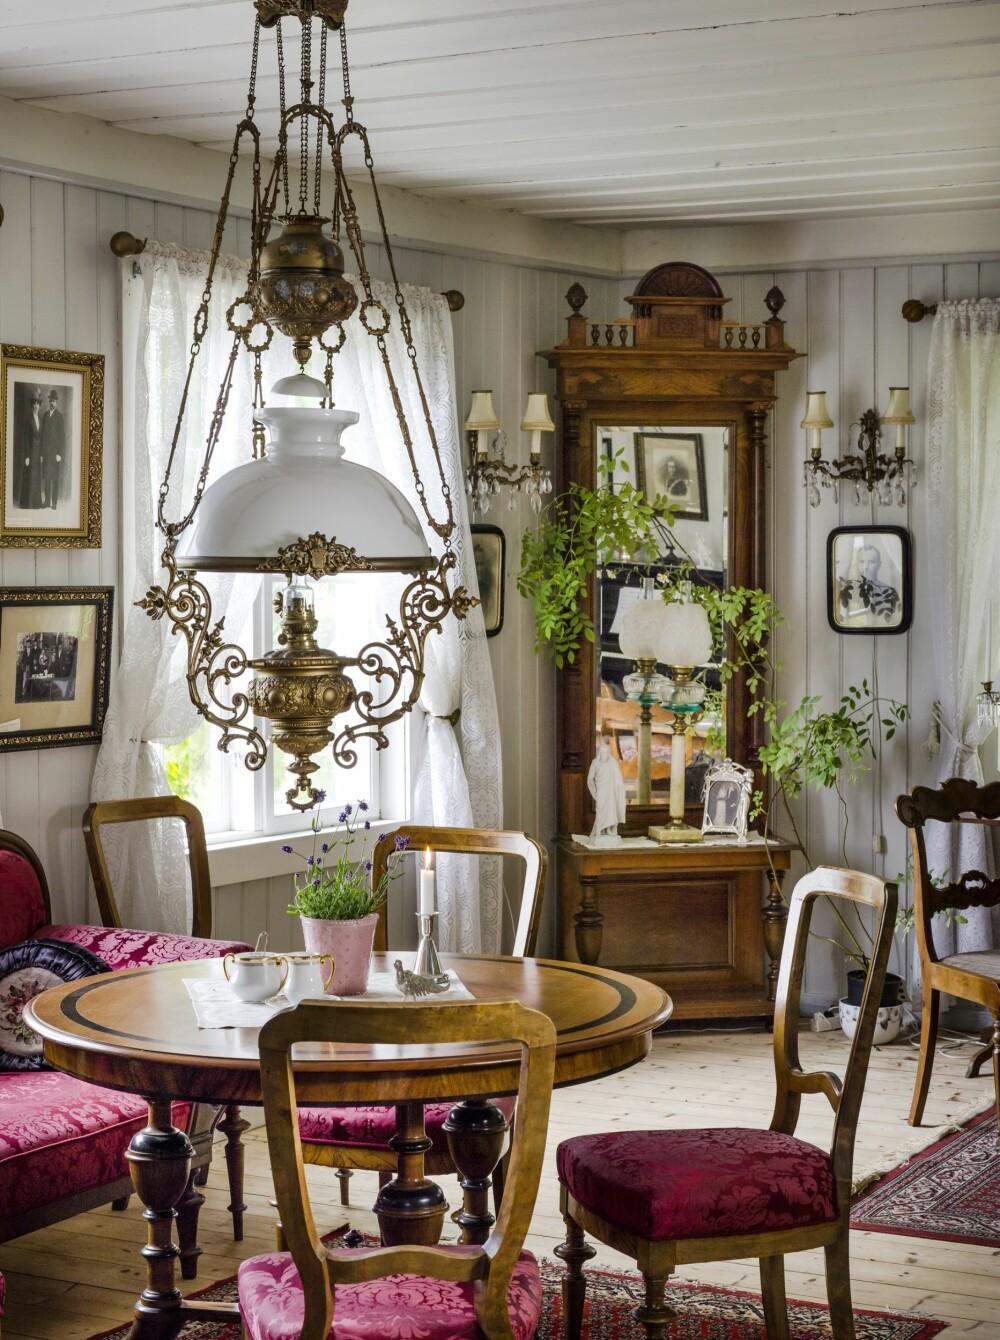 MIDTPUNKT: Gården var et midtpunkt i bygda på 1800-tallet og Aslakstrøm herredsstyre holdt møter her.